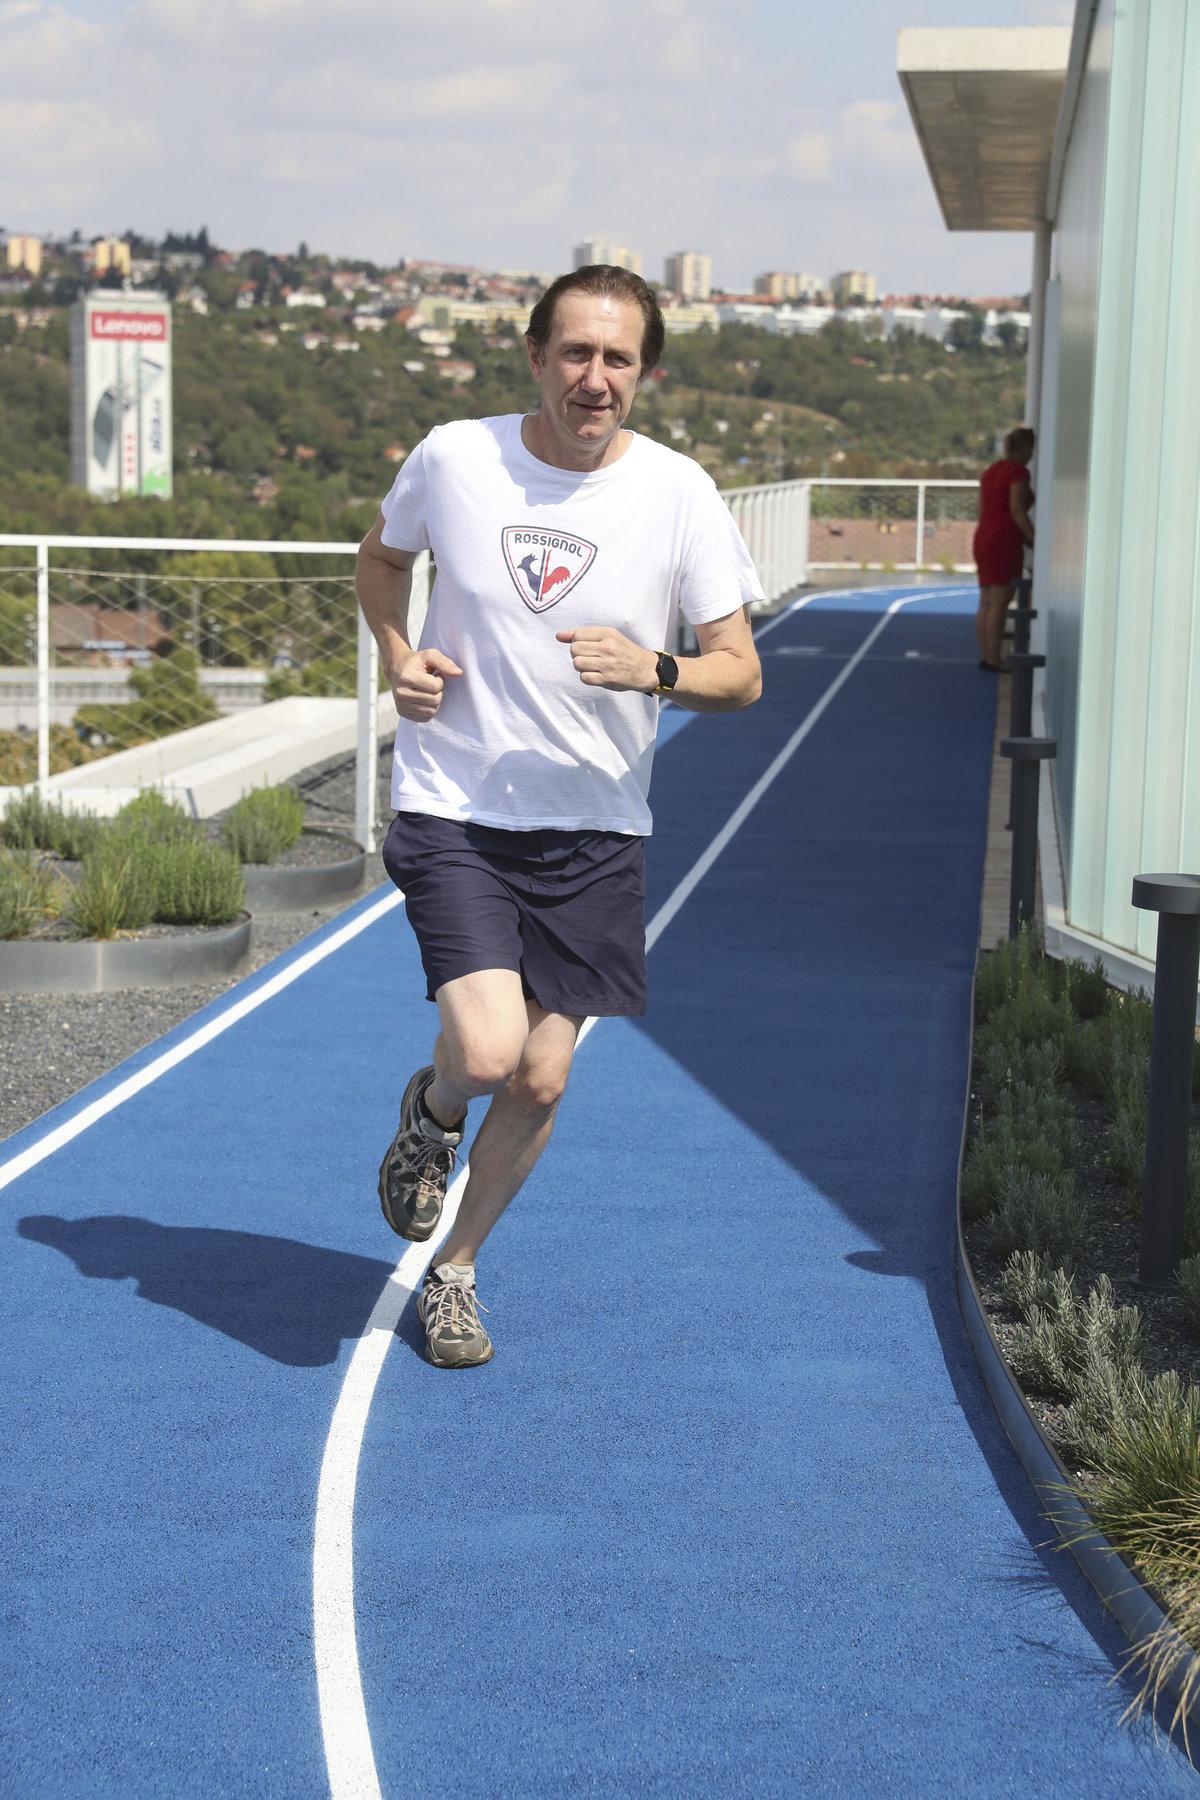 Herec otestoval běžeckou dráhu na střeše budoucí moderní polikliniky.